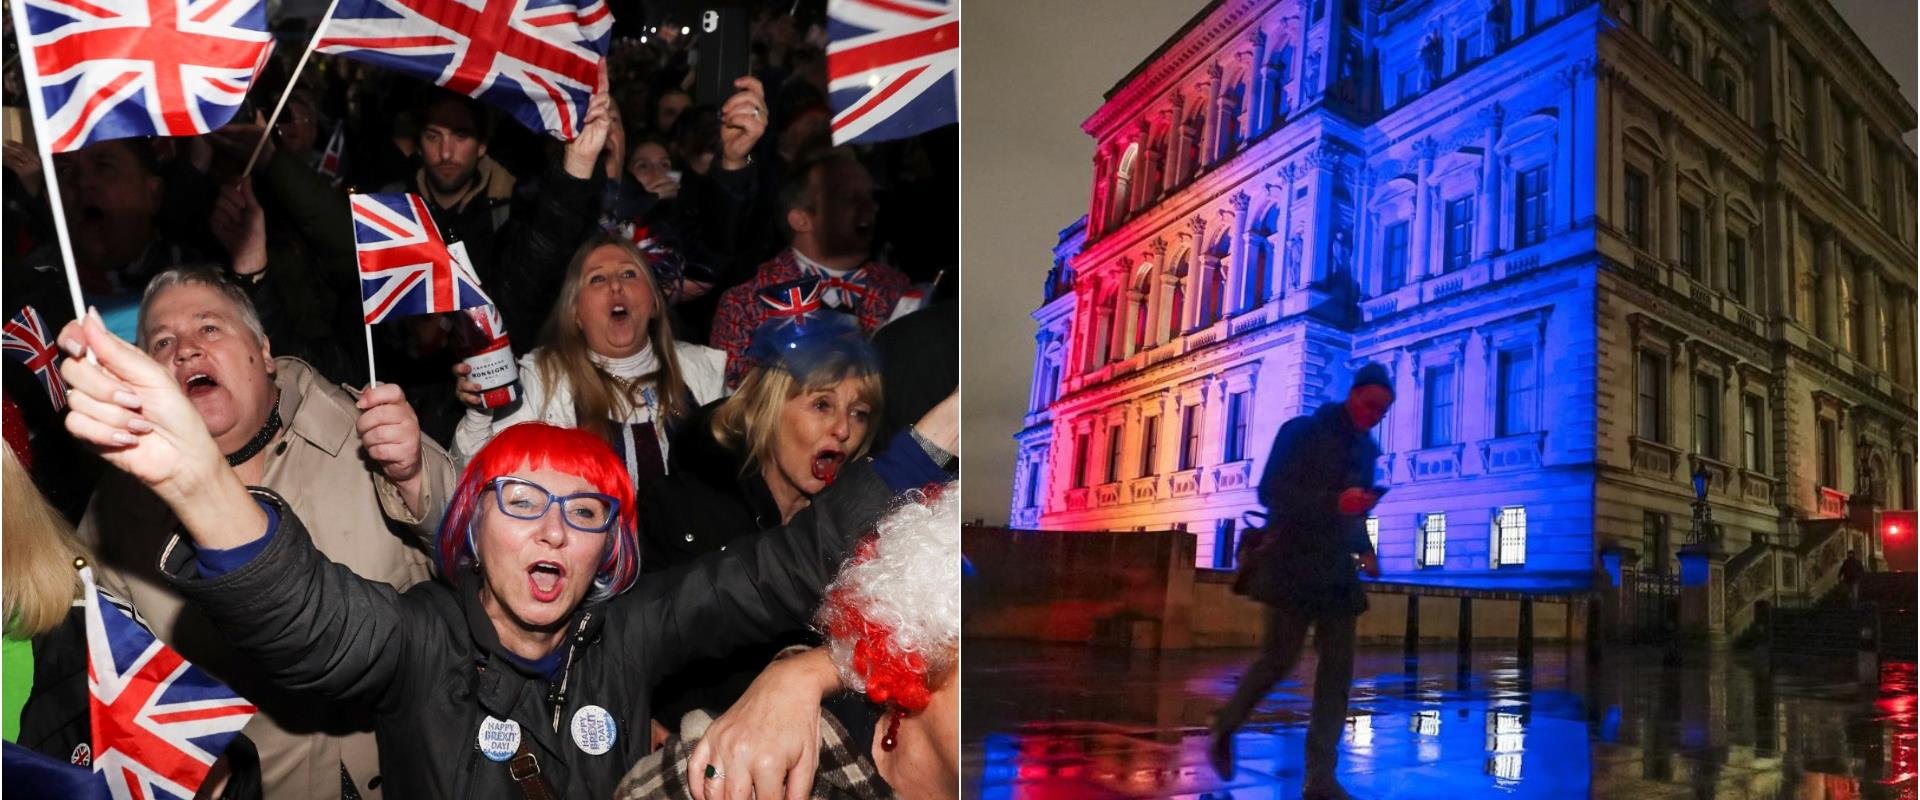 בריטניה עוזבת את האיחוד האירופי